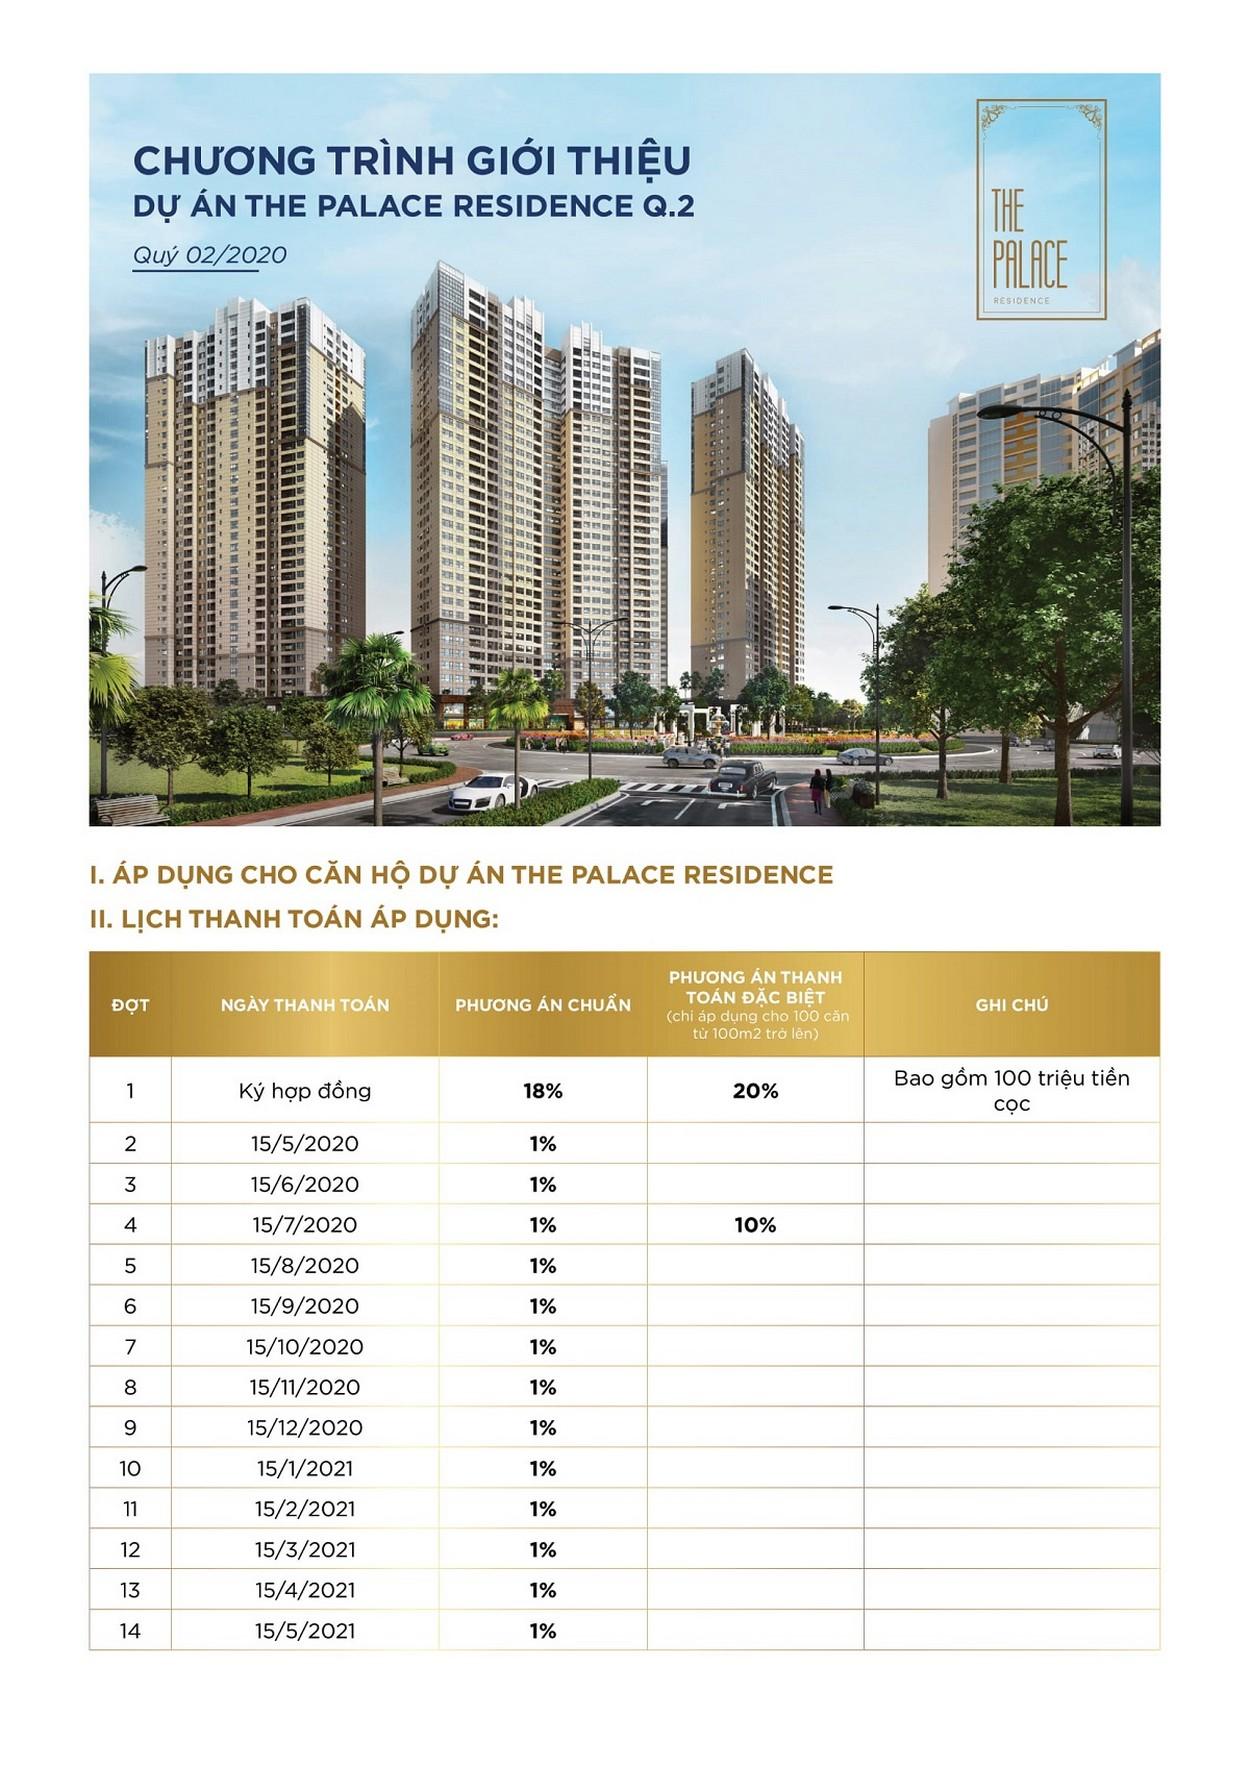 Phương thức thanh toán căn hộ chung cư The Palace Residence Quận 2 Đường chủ đầu tư Novaland